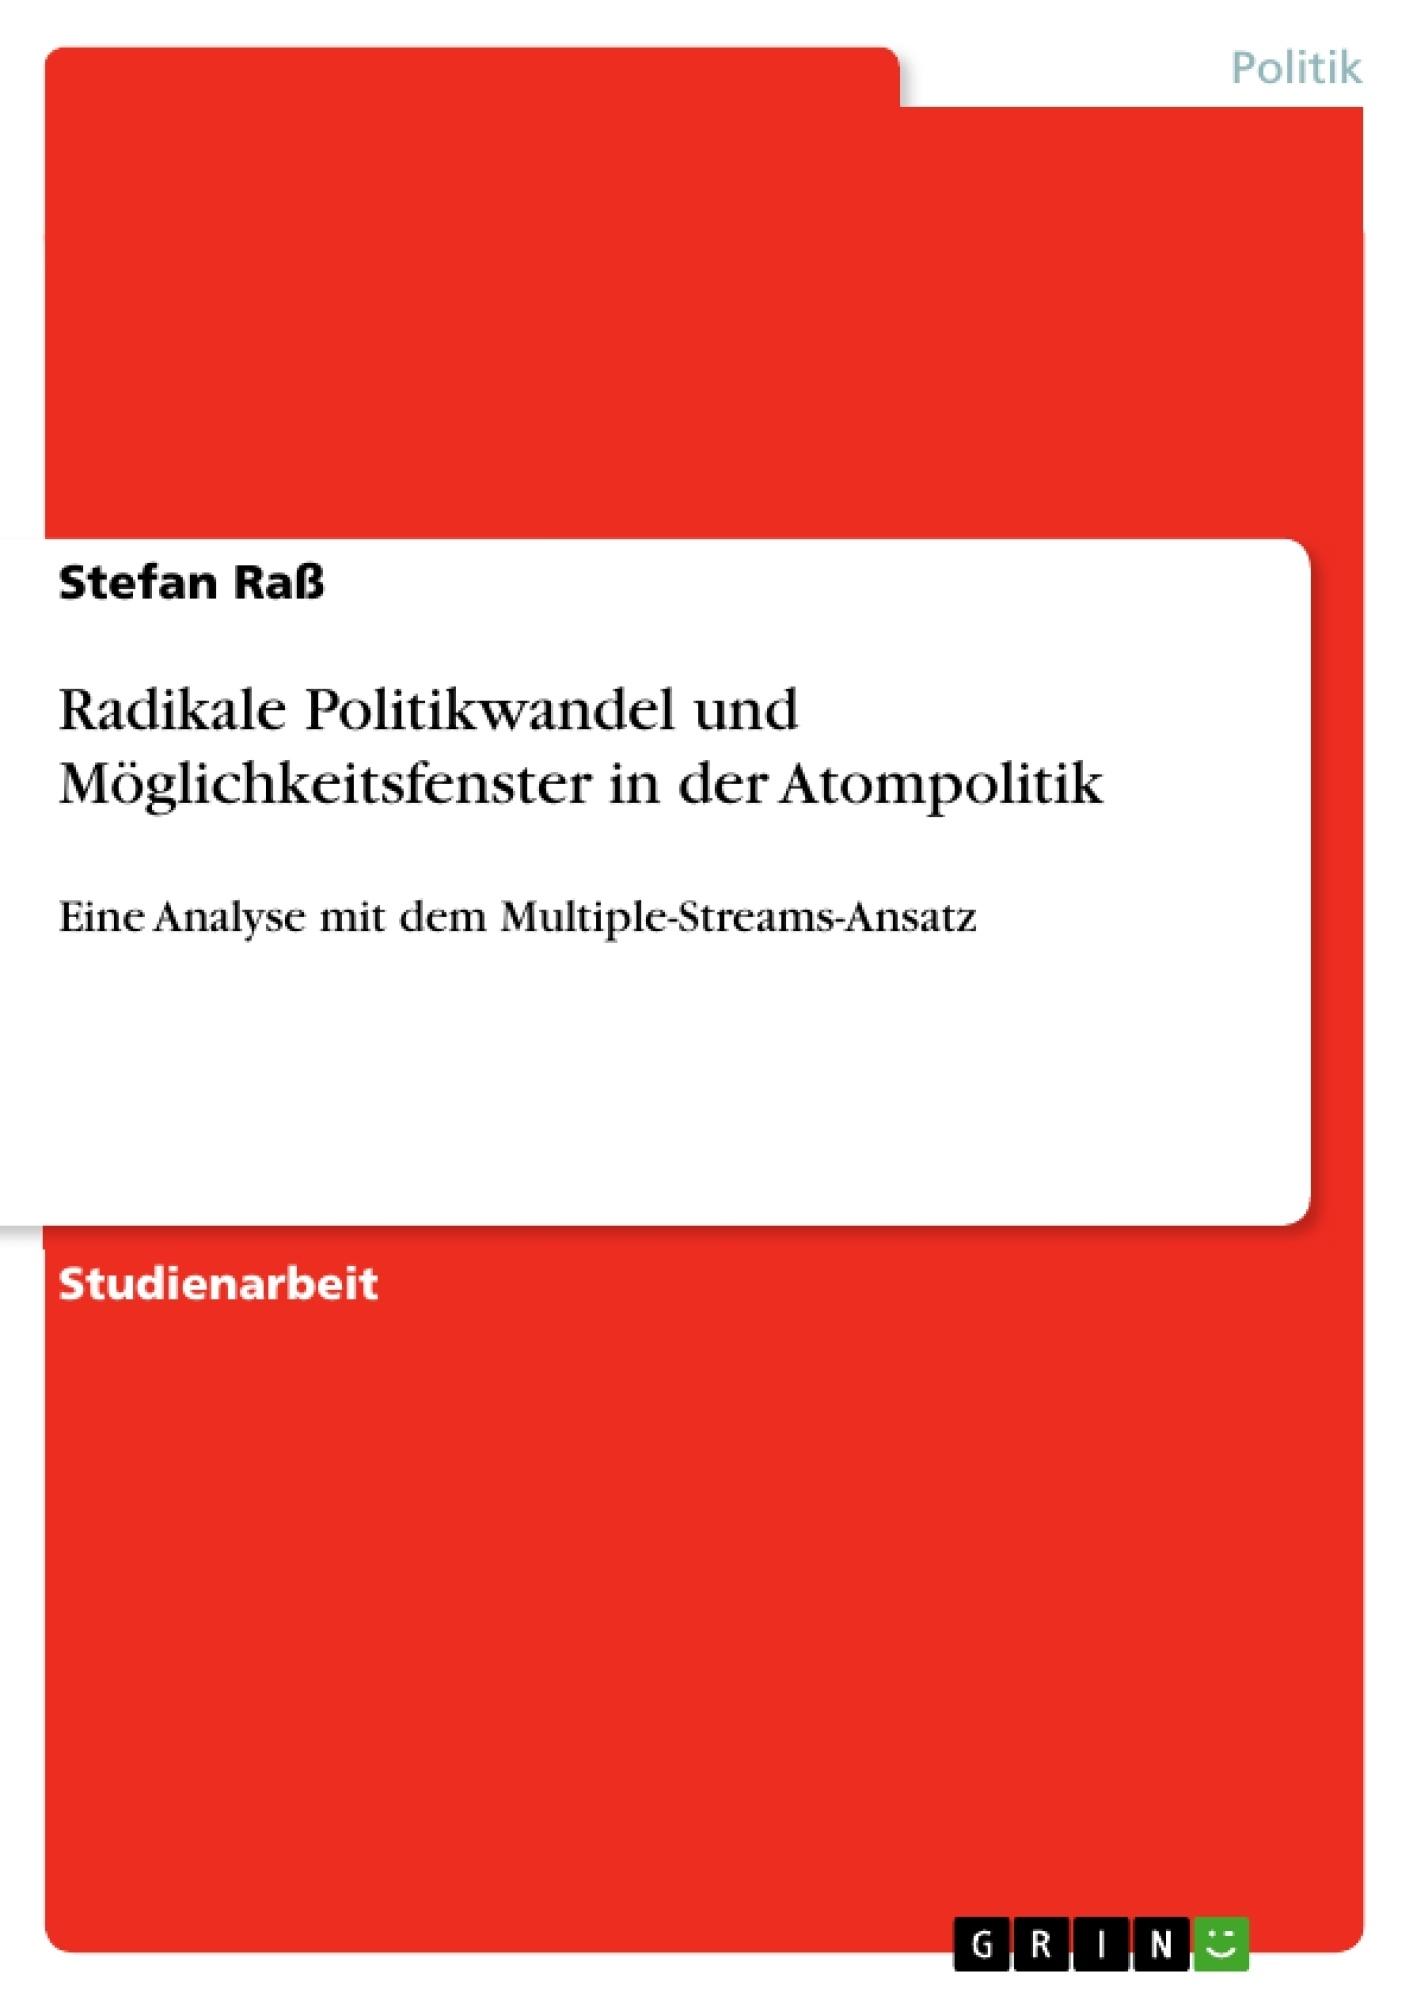 Titel: Radikale Politikwandel und Möglichkeitsfenster in der Atompolitik